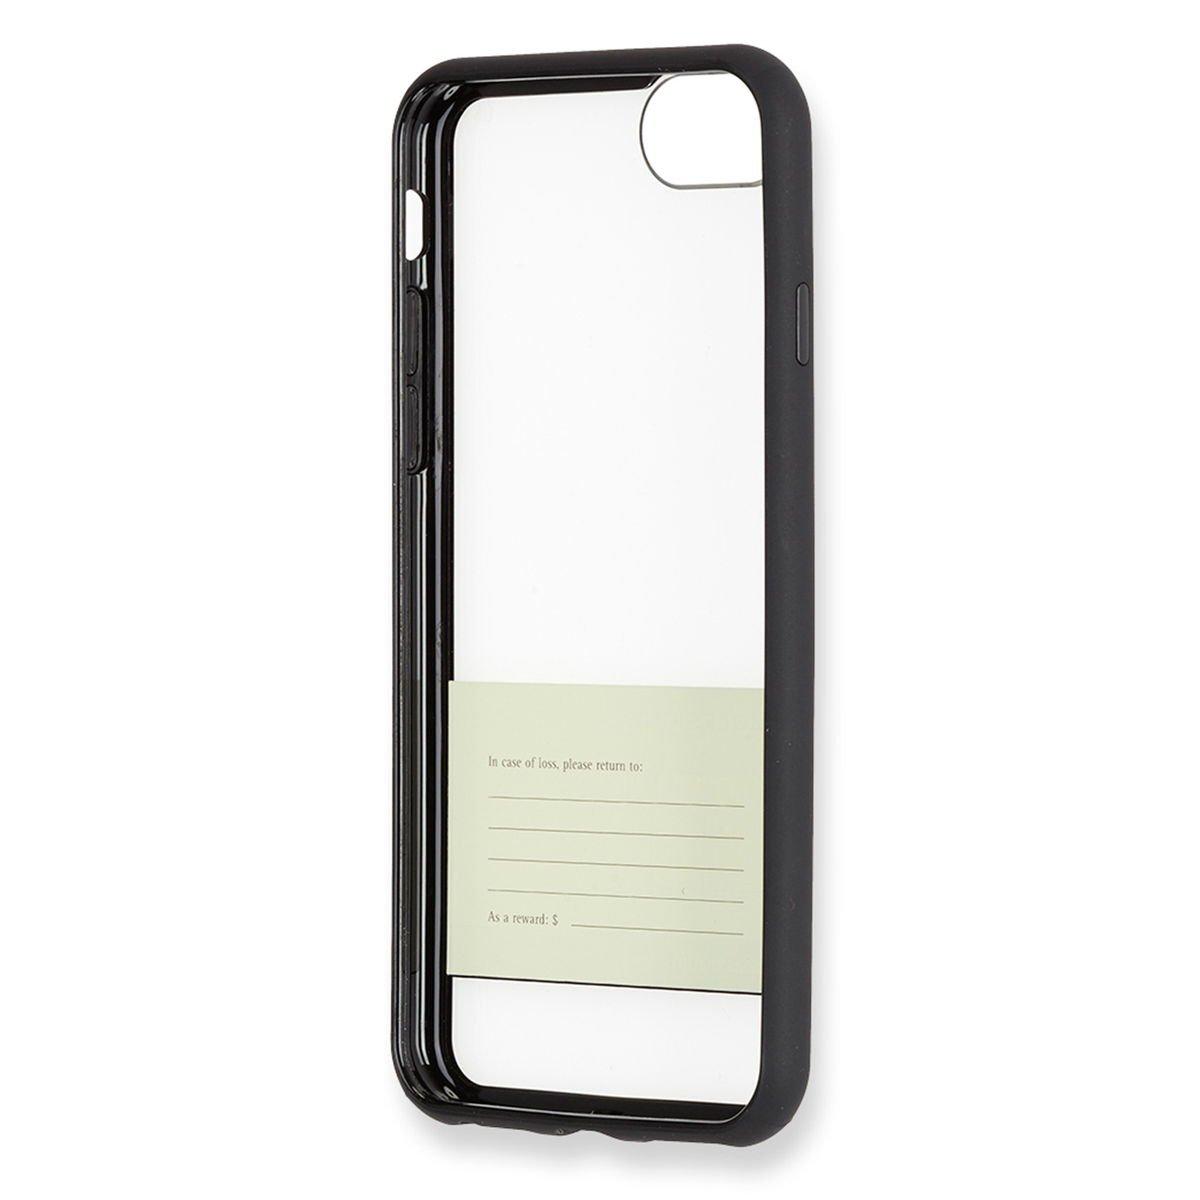 Moleskine Hartschalenetui (Durchsichtige Papierbanderole) geeignet für Iphone 7, schwarz